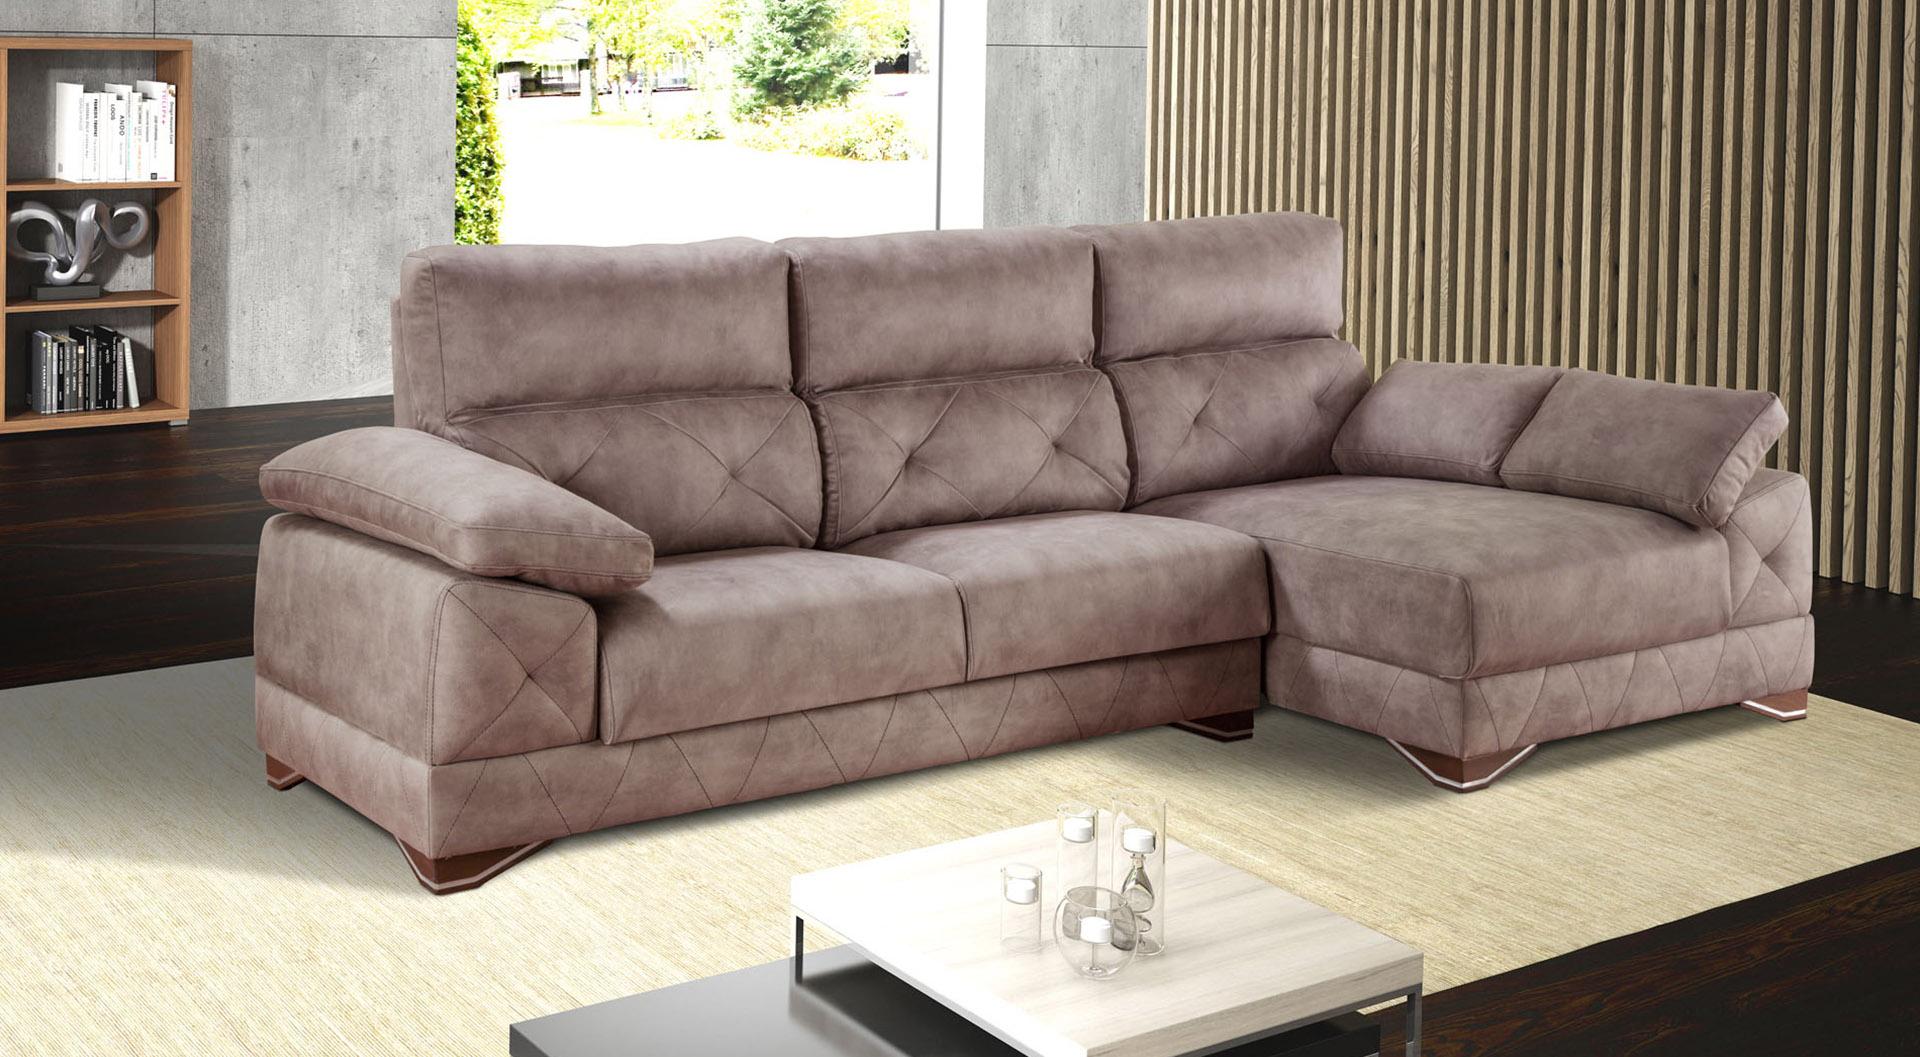 Tiendas de sofas en lleida tiendas de muebles en lleida for Muebles boom lleida